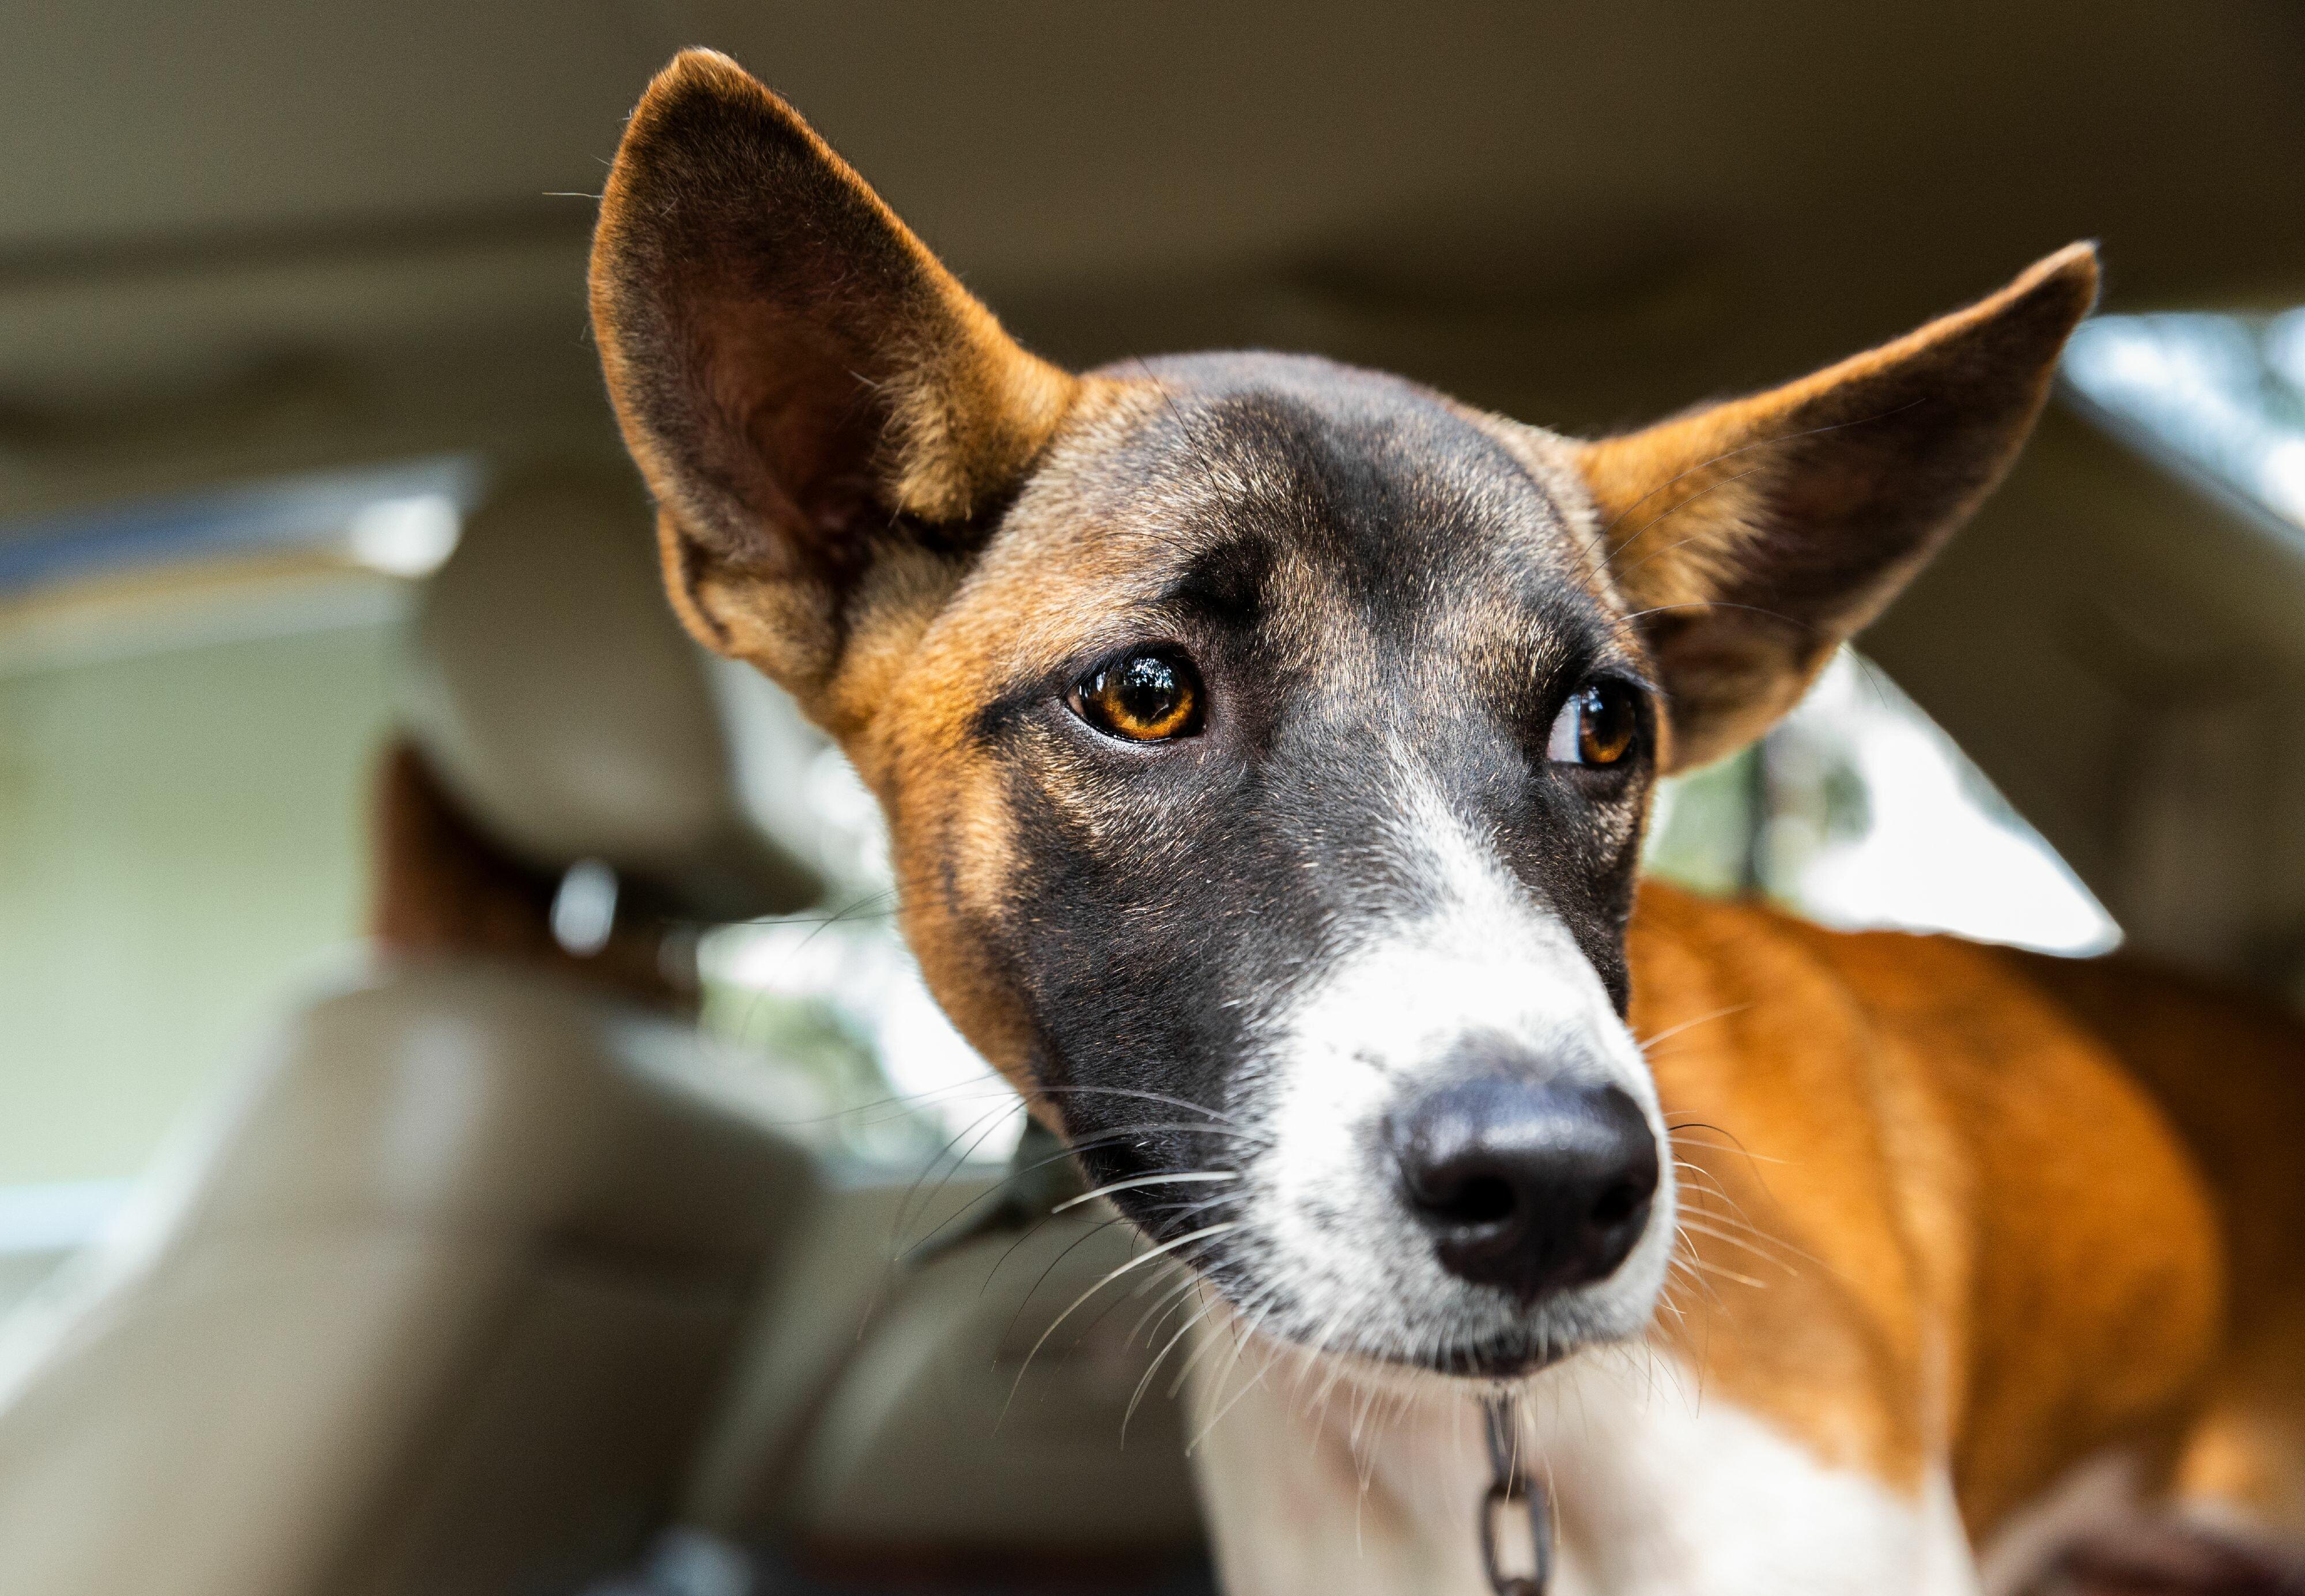 dog locked in a car